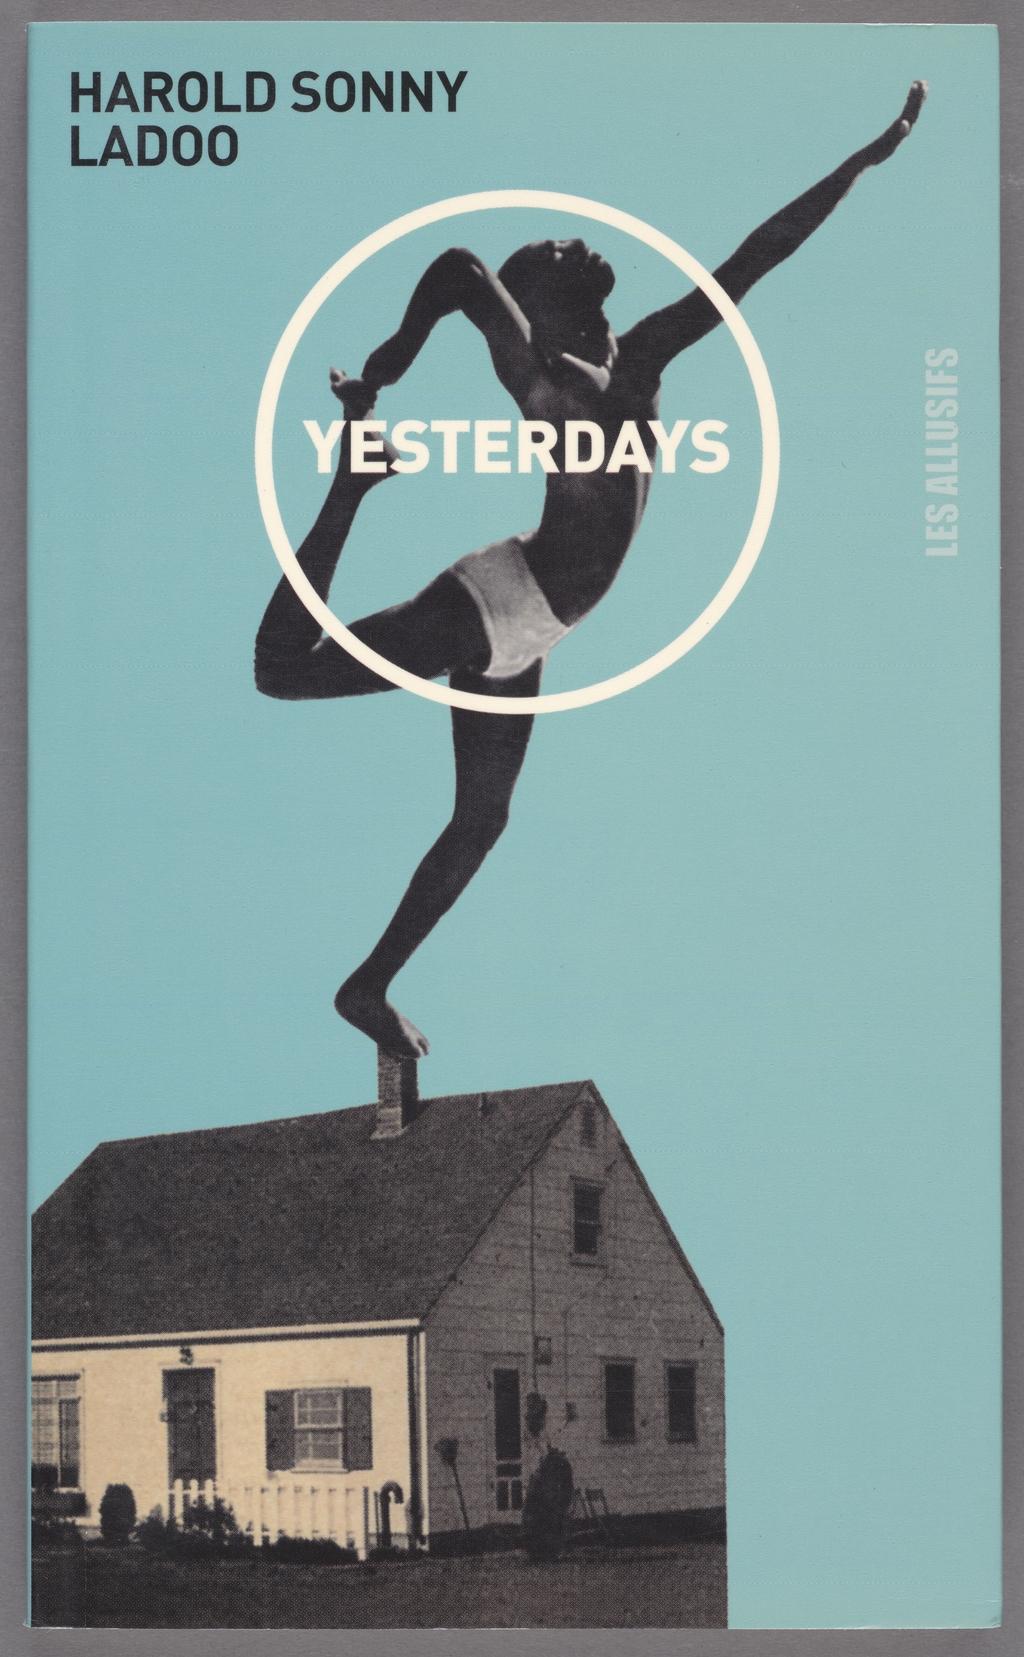 « Yesterdays » de Harold Sonny Ladoo, édité chez Les Allusifs, nº 053